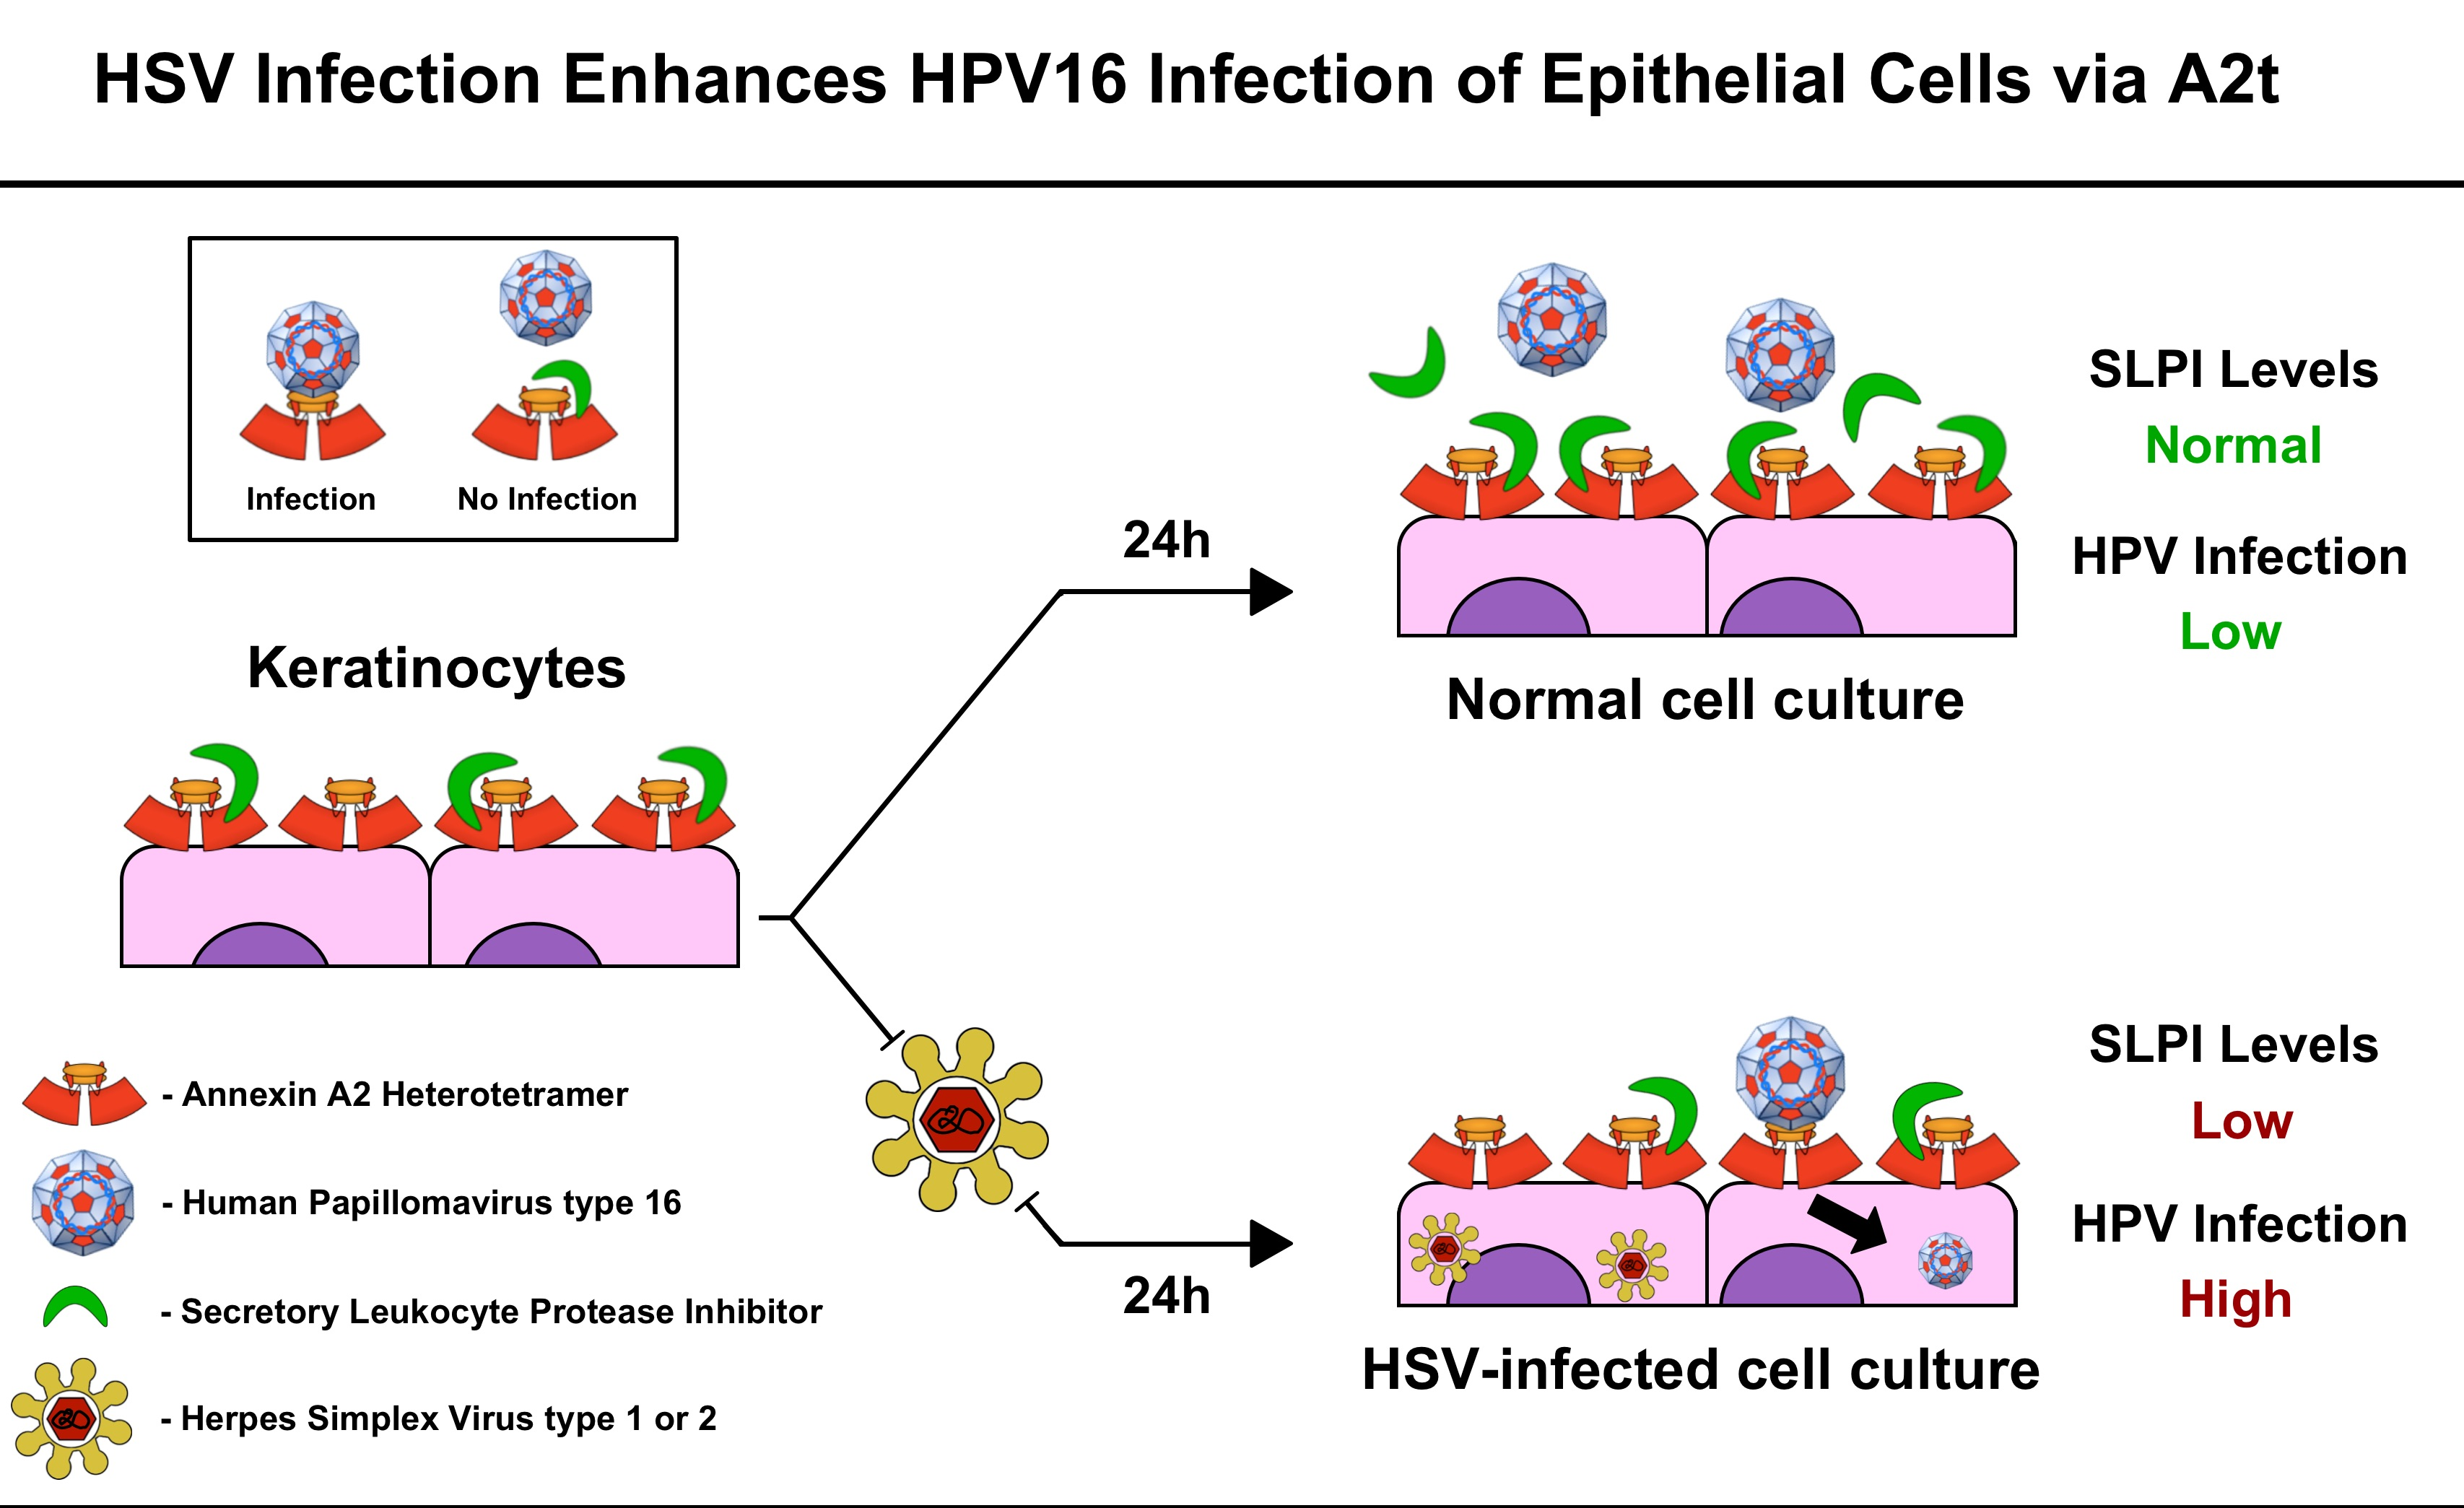 herpes virus human papillomavirus